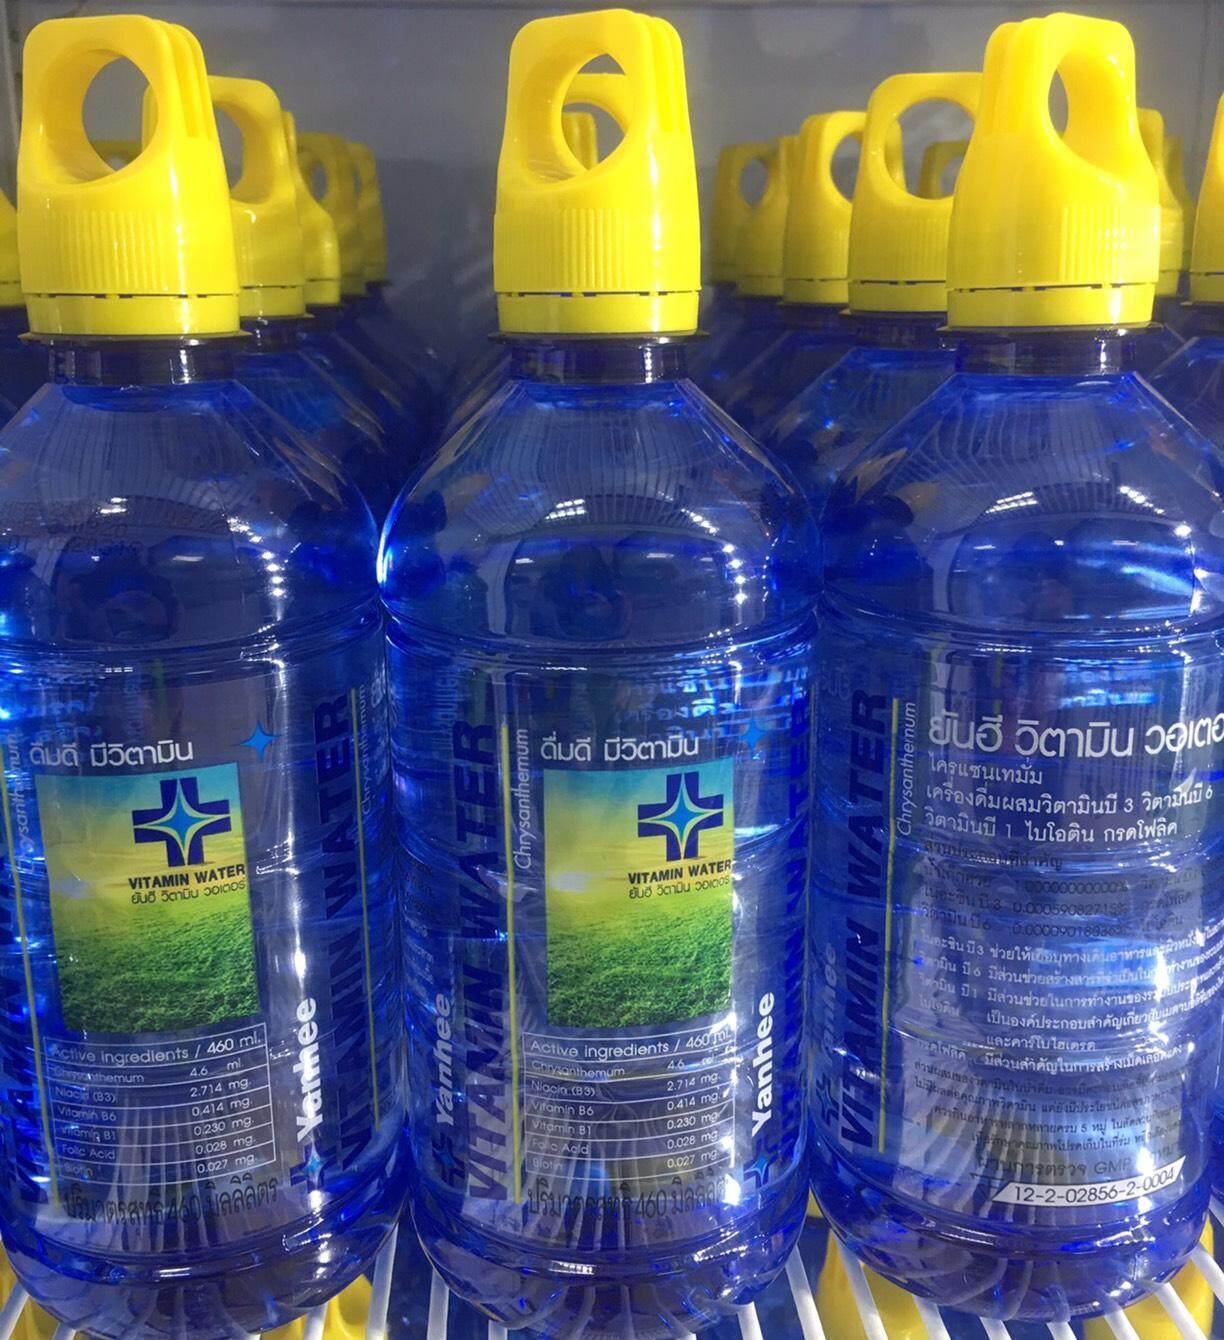 น้ำดื่มยันฮี เครื่องดื่ม ยันฮี น้ำดื่ม วิตามินวอเตอร์ By Autjaree 168.